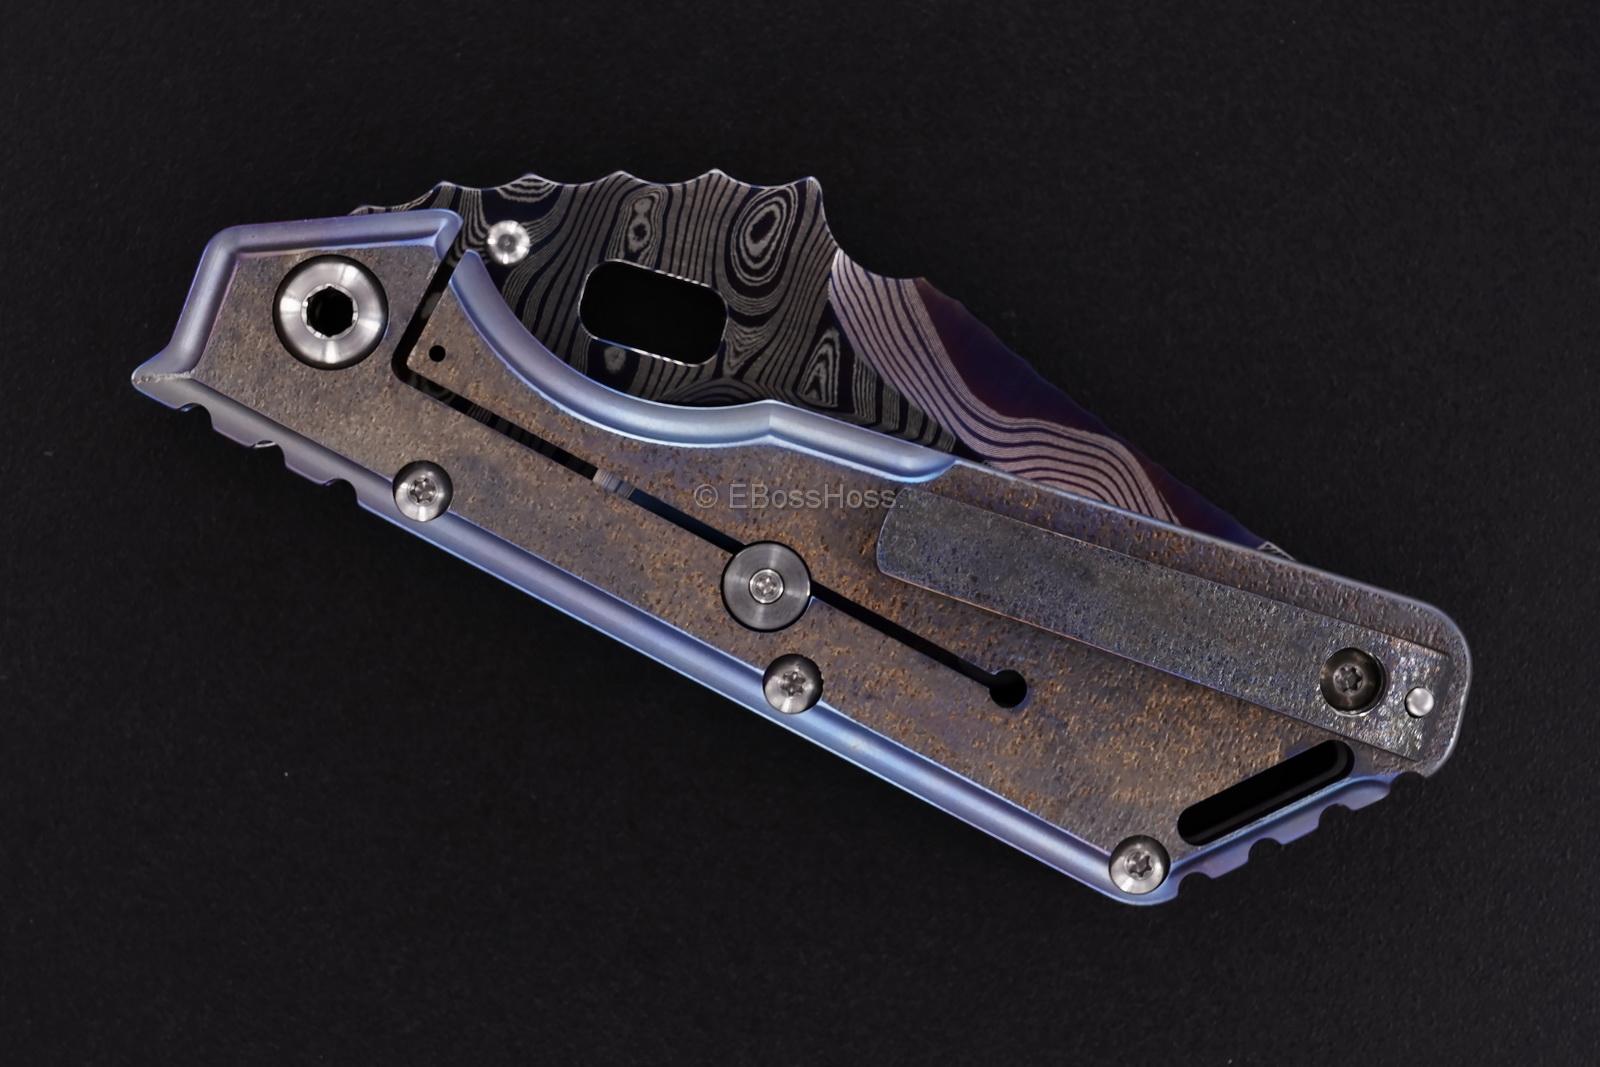 Mick Strider Custom (MSC) Cobalt-San Mai Damascus XL - Nightmare Dragon-grind